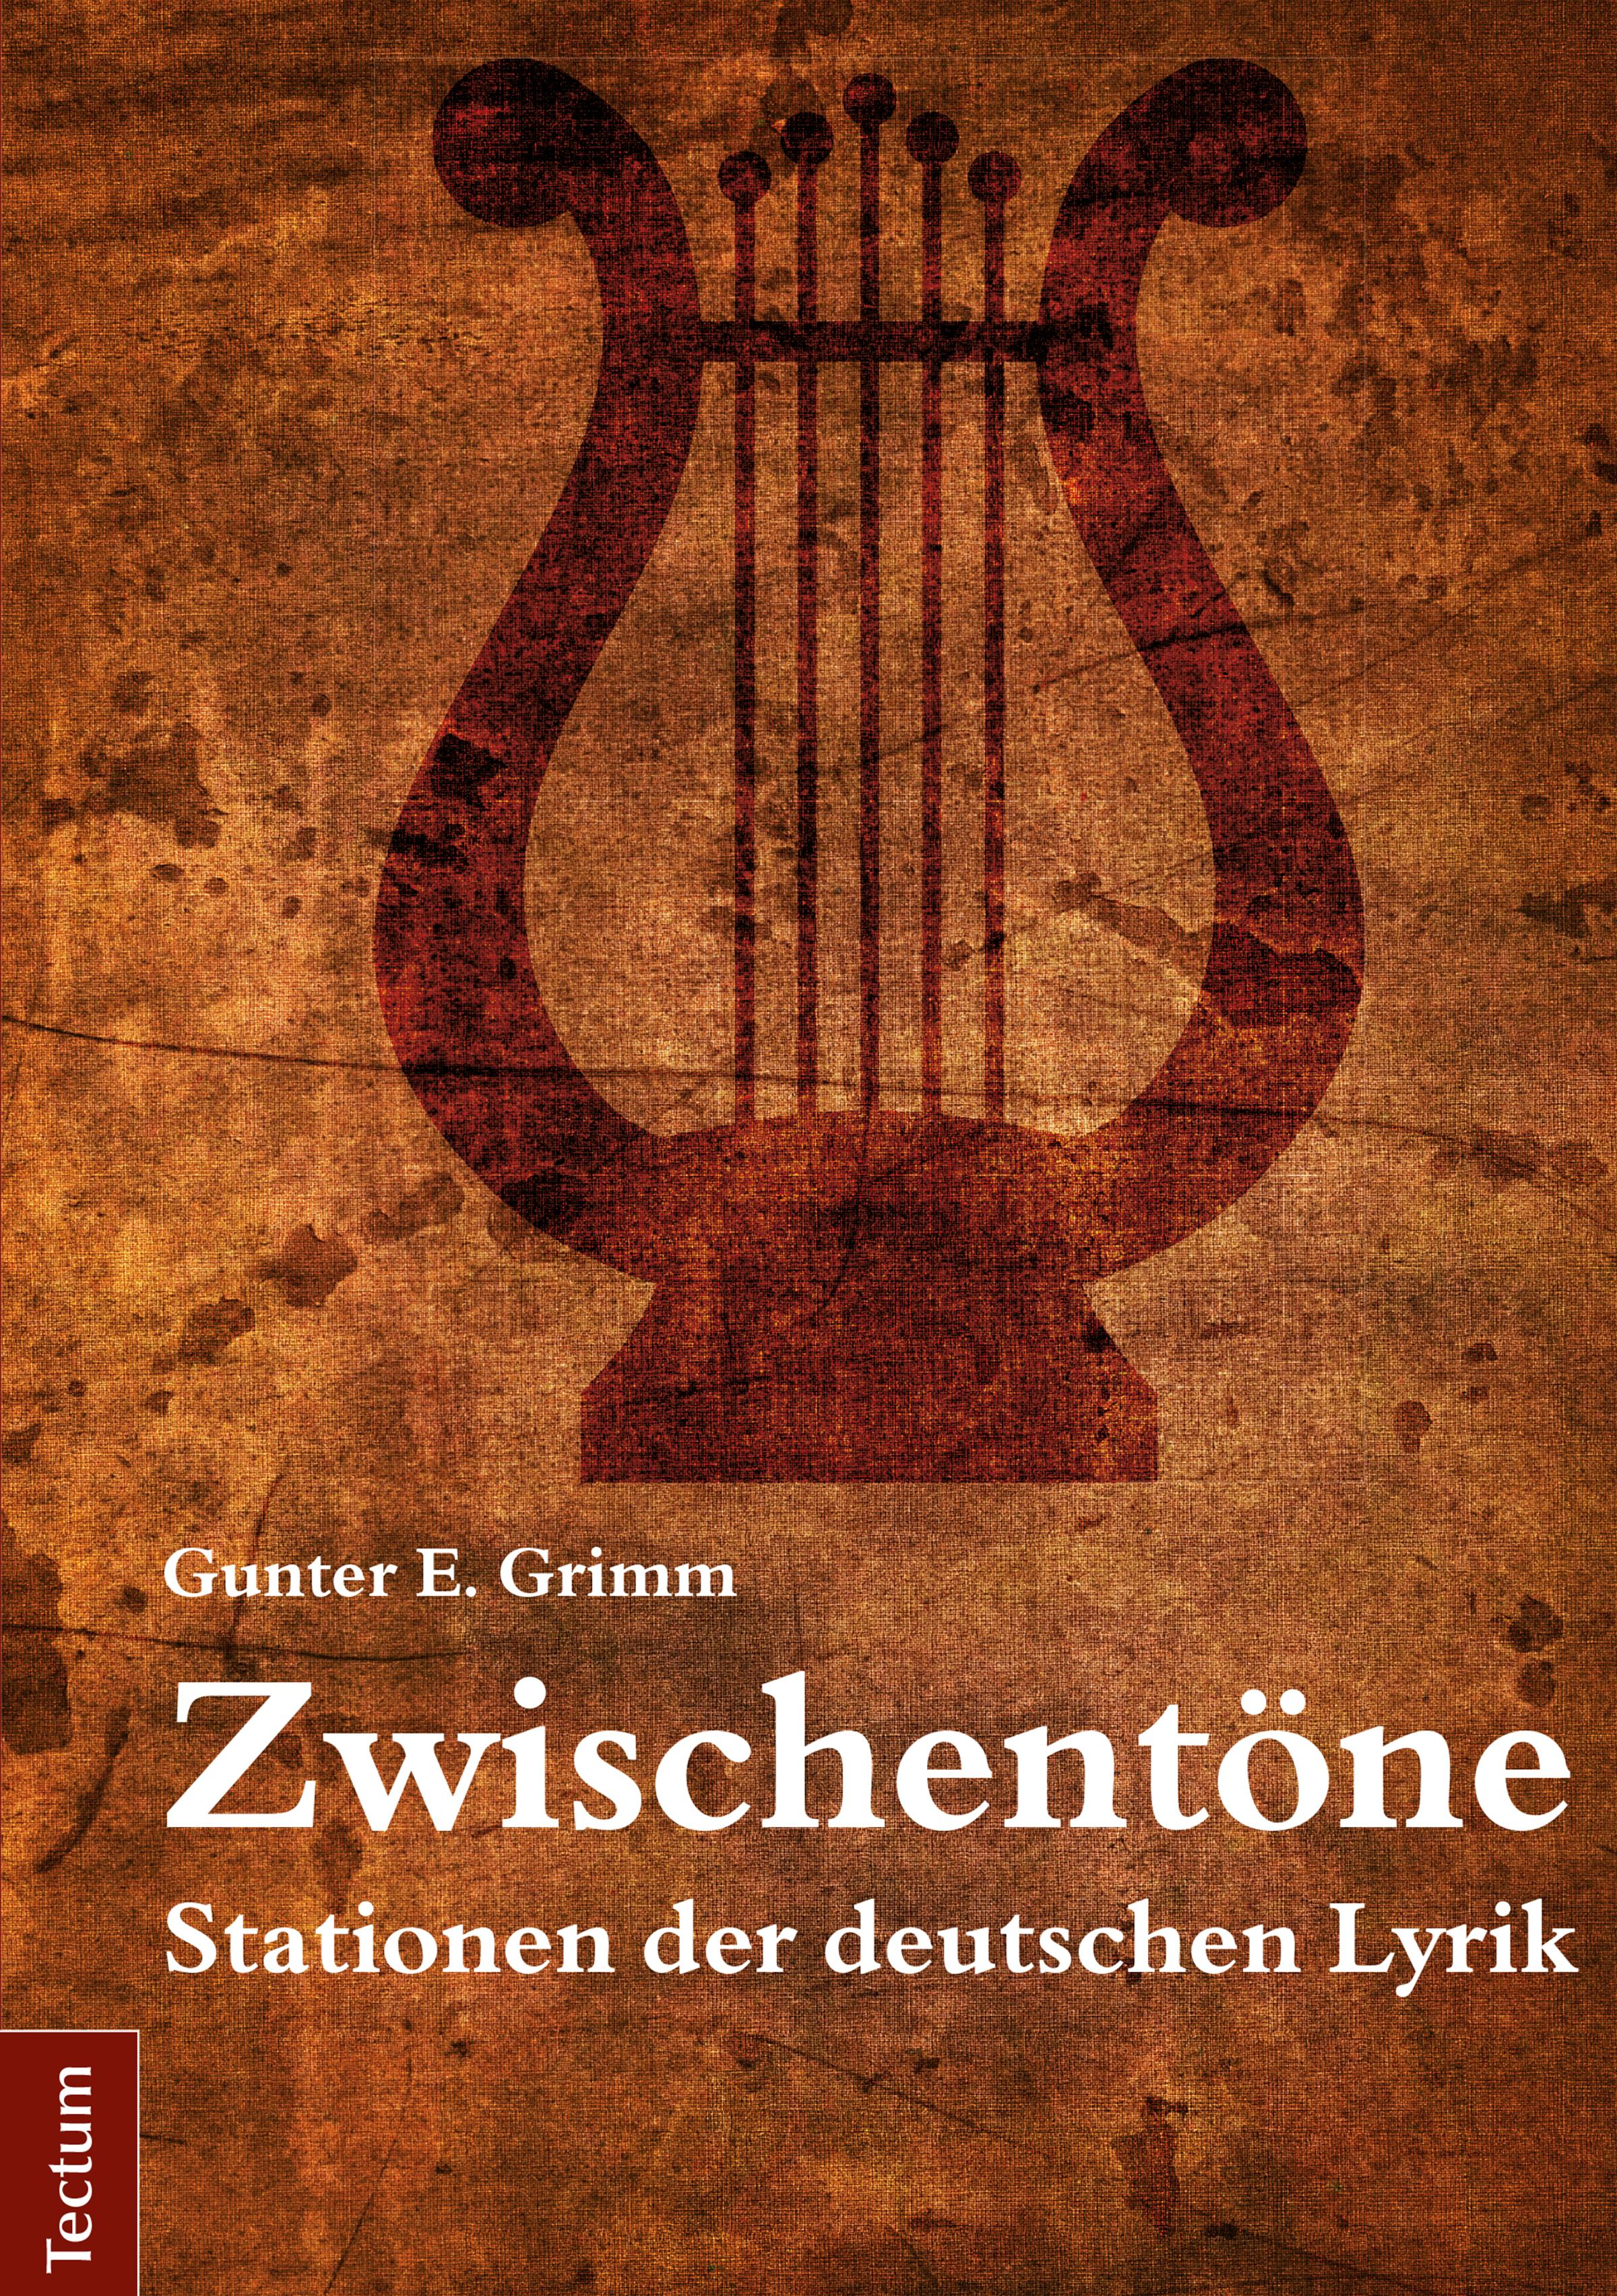 Gunter E. Grimm Zwischentöne